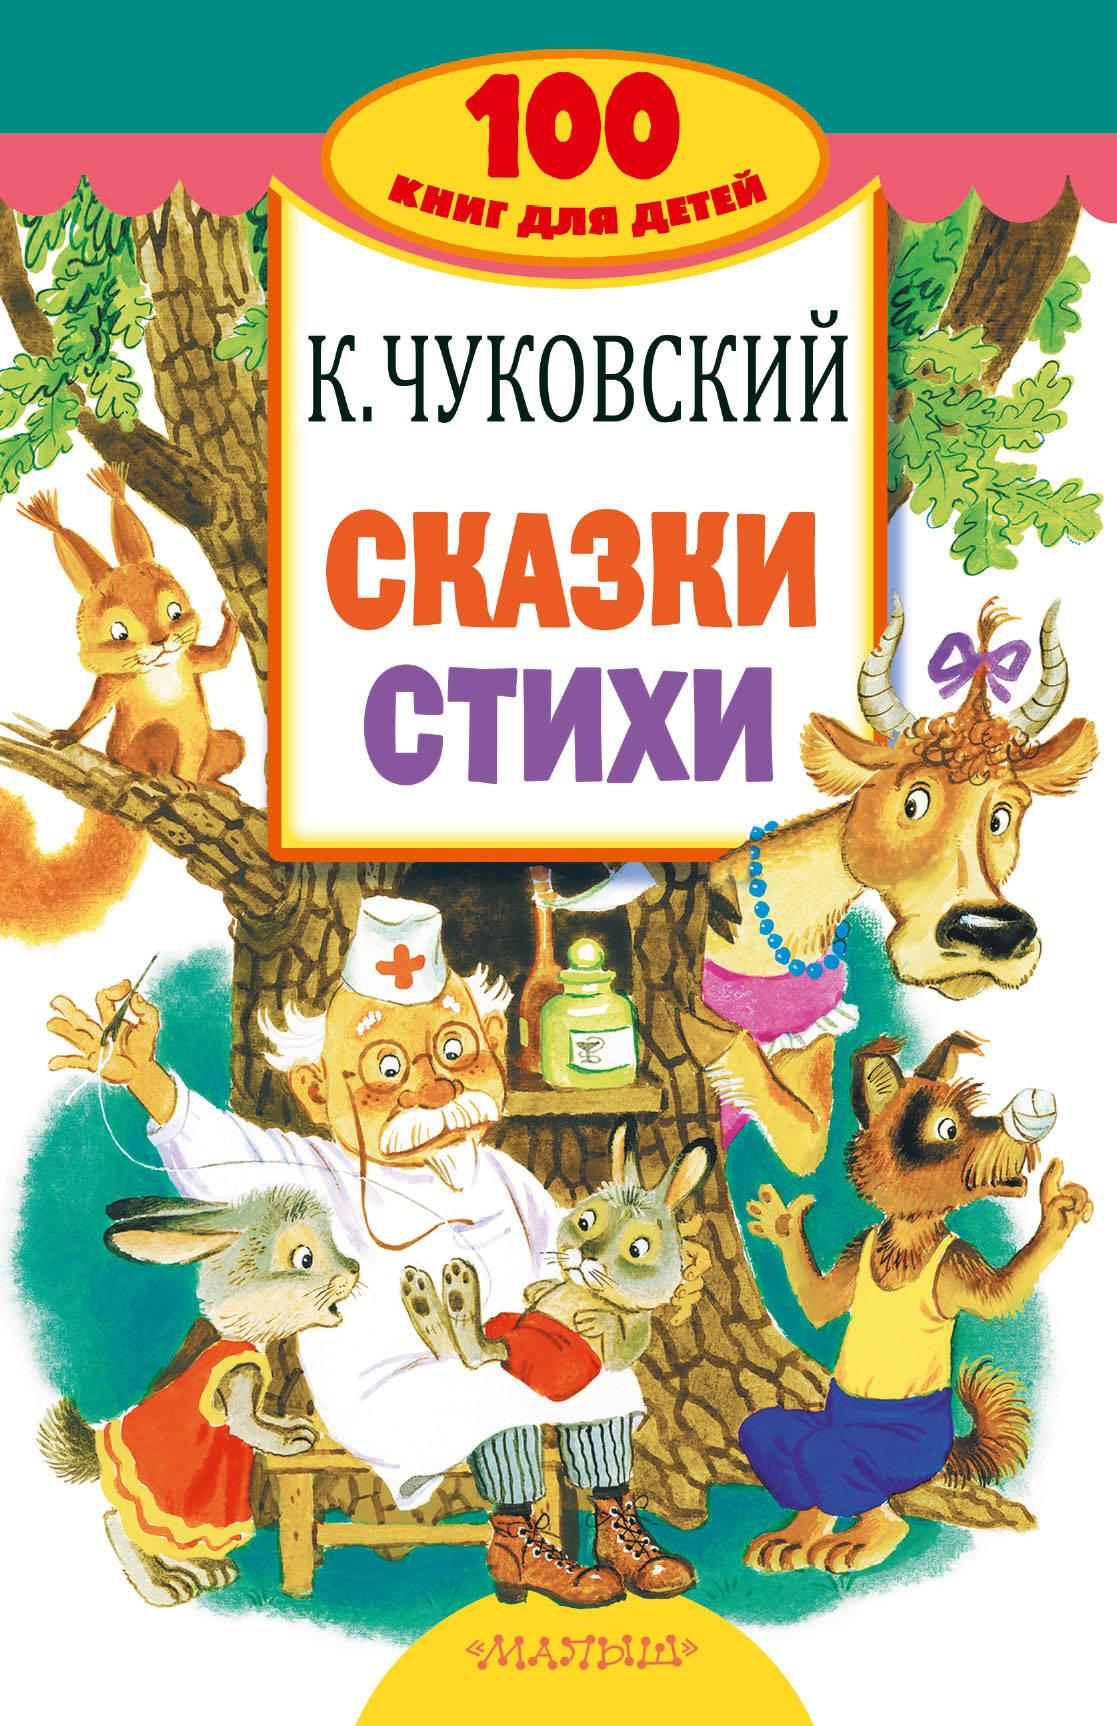 где купить Чуковский Корней Иванович Сказки, стихи дешево